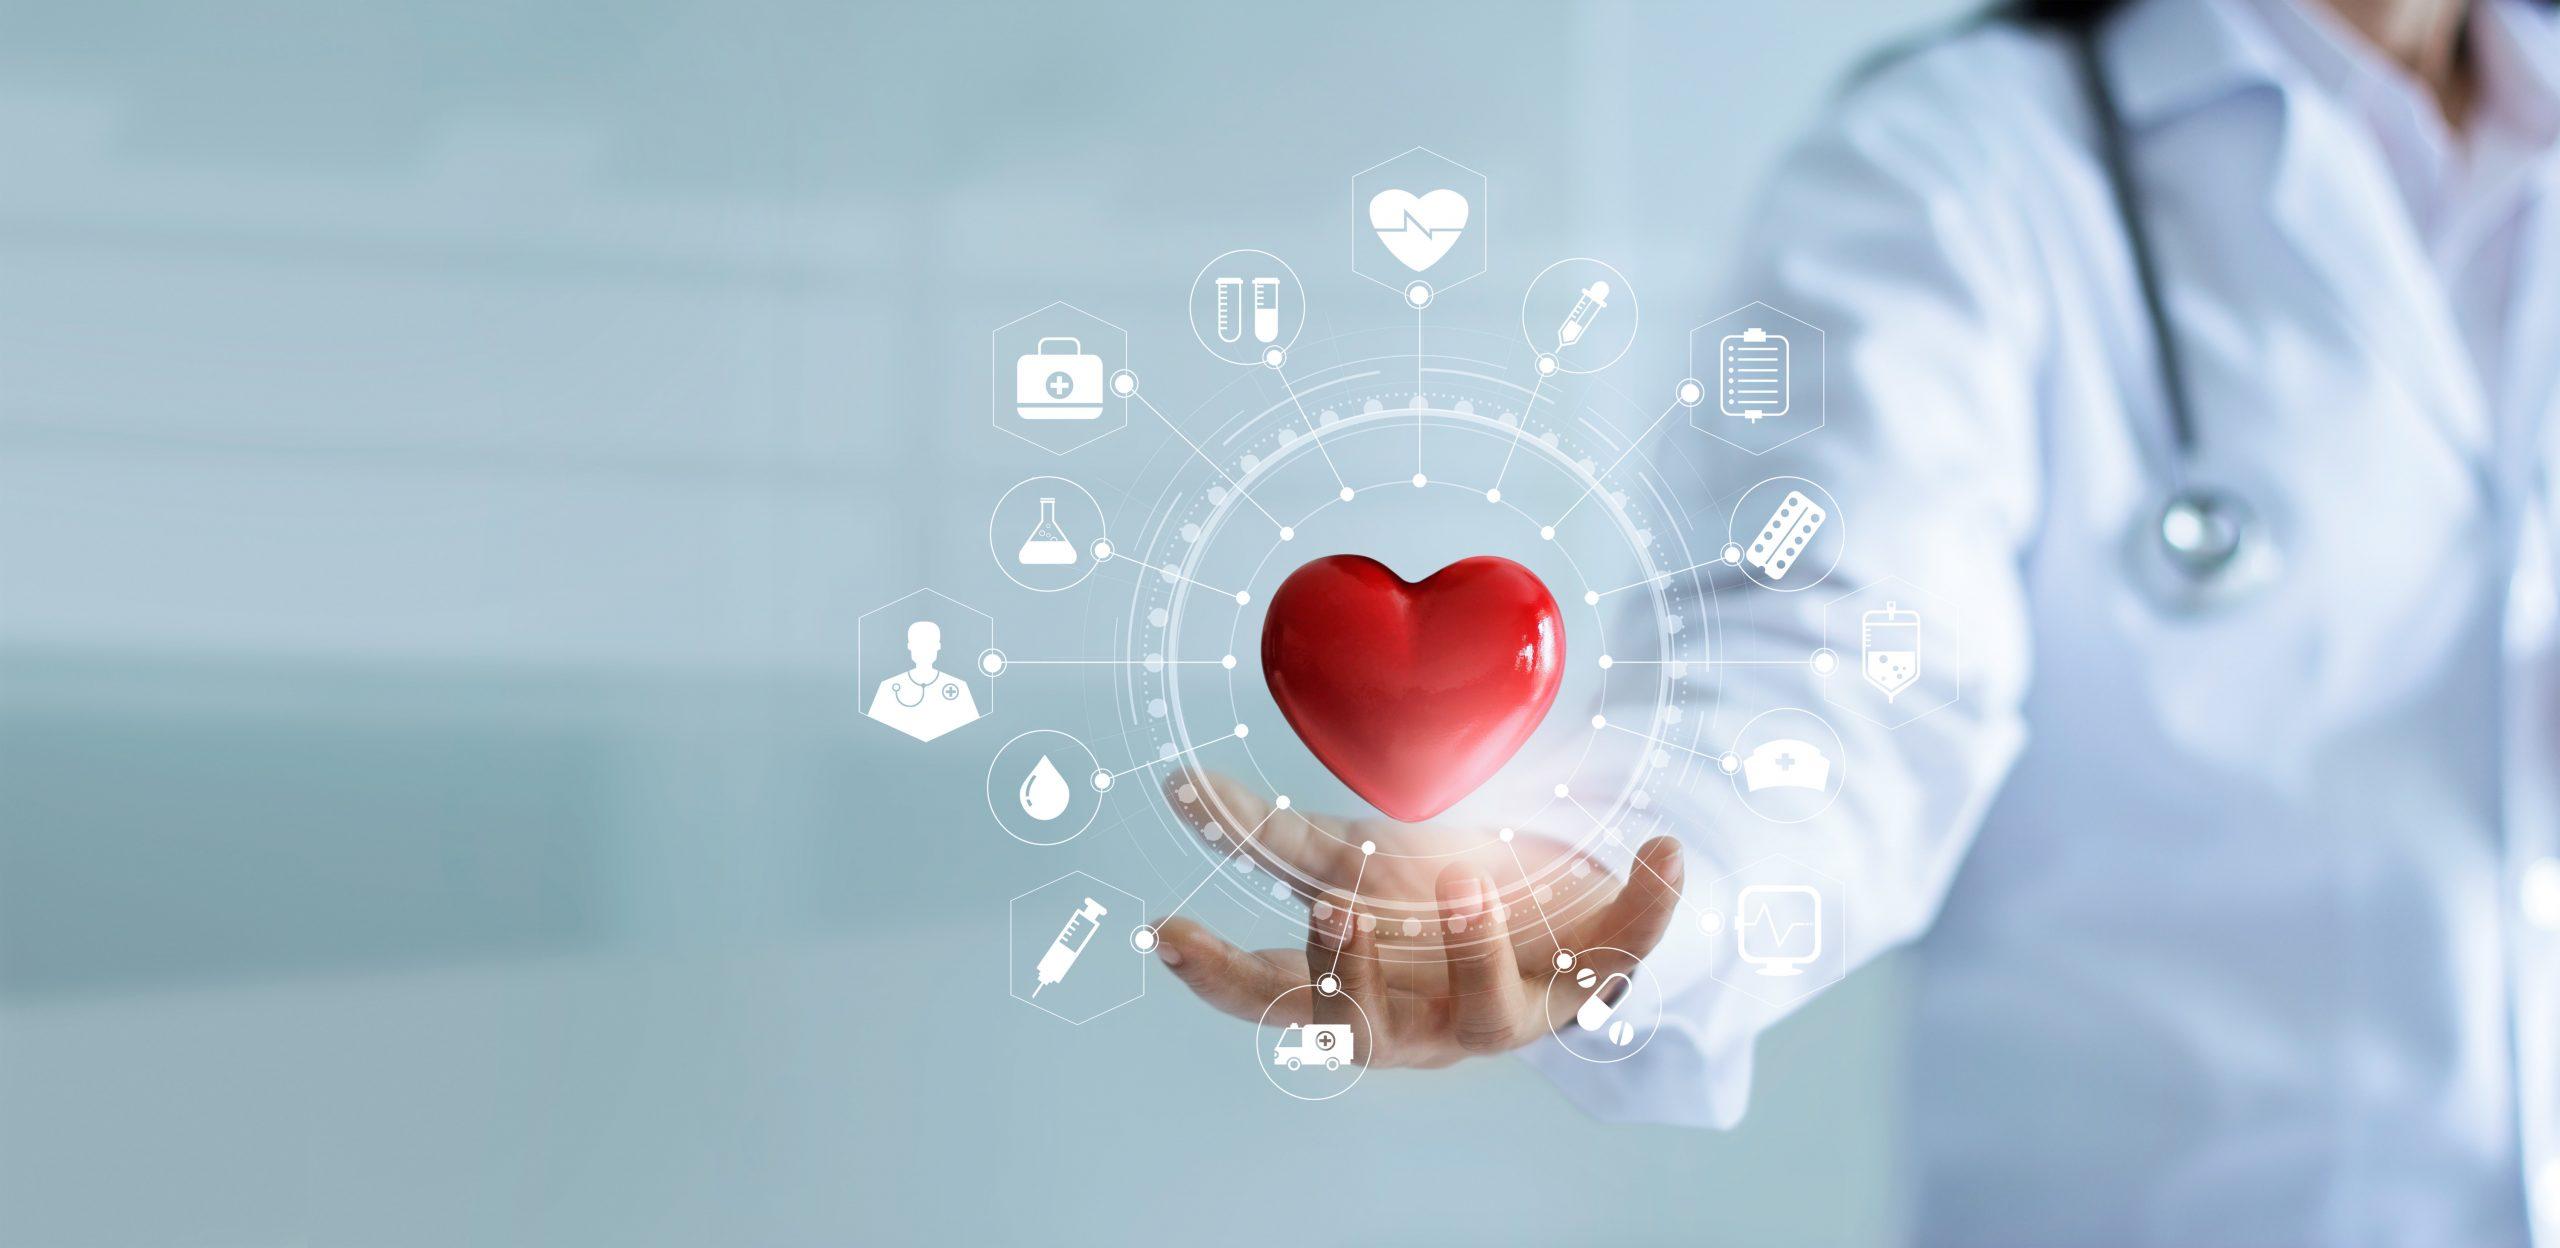 Proiect privind digitalizarea spitalelor aflate în administrarea ASSMB